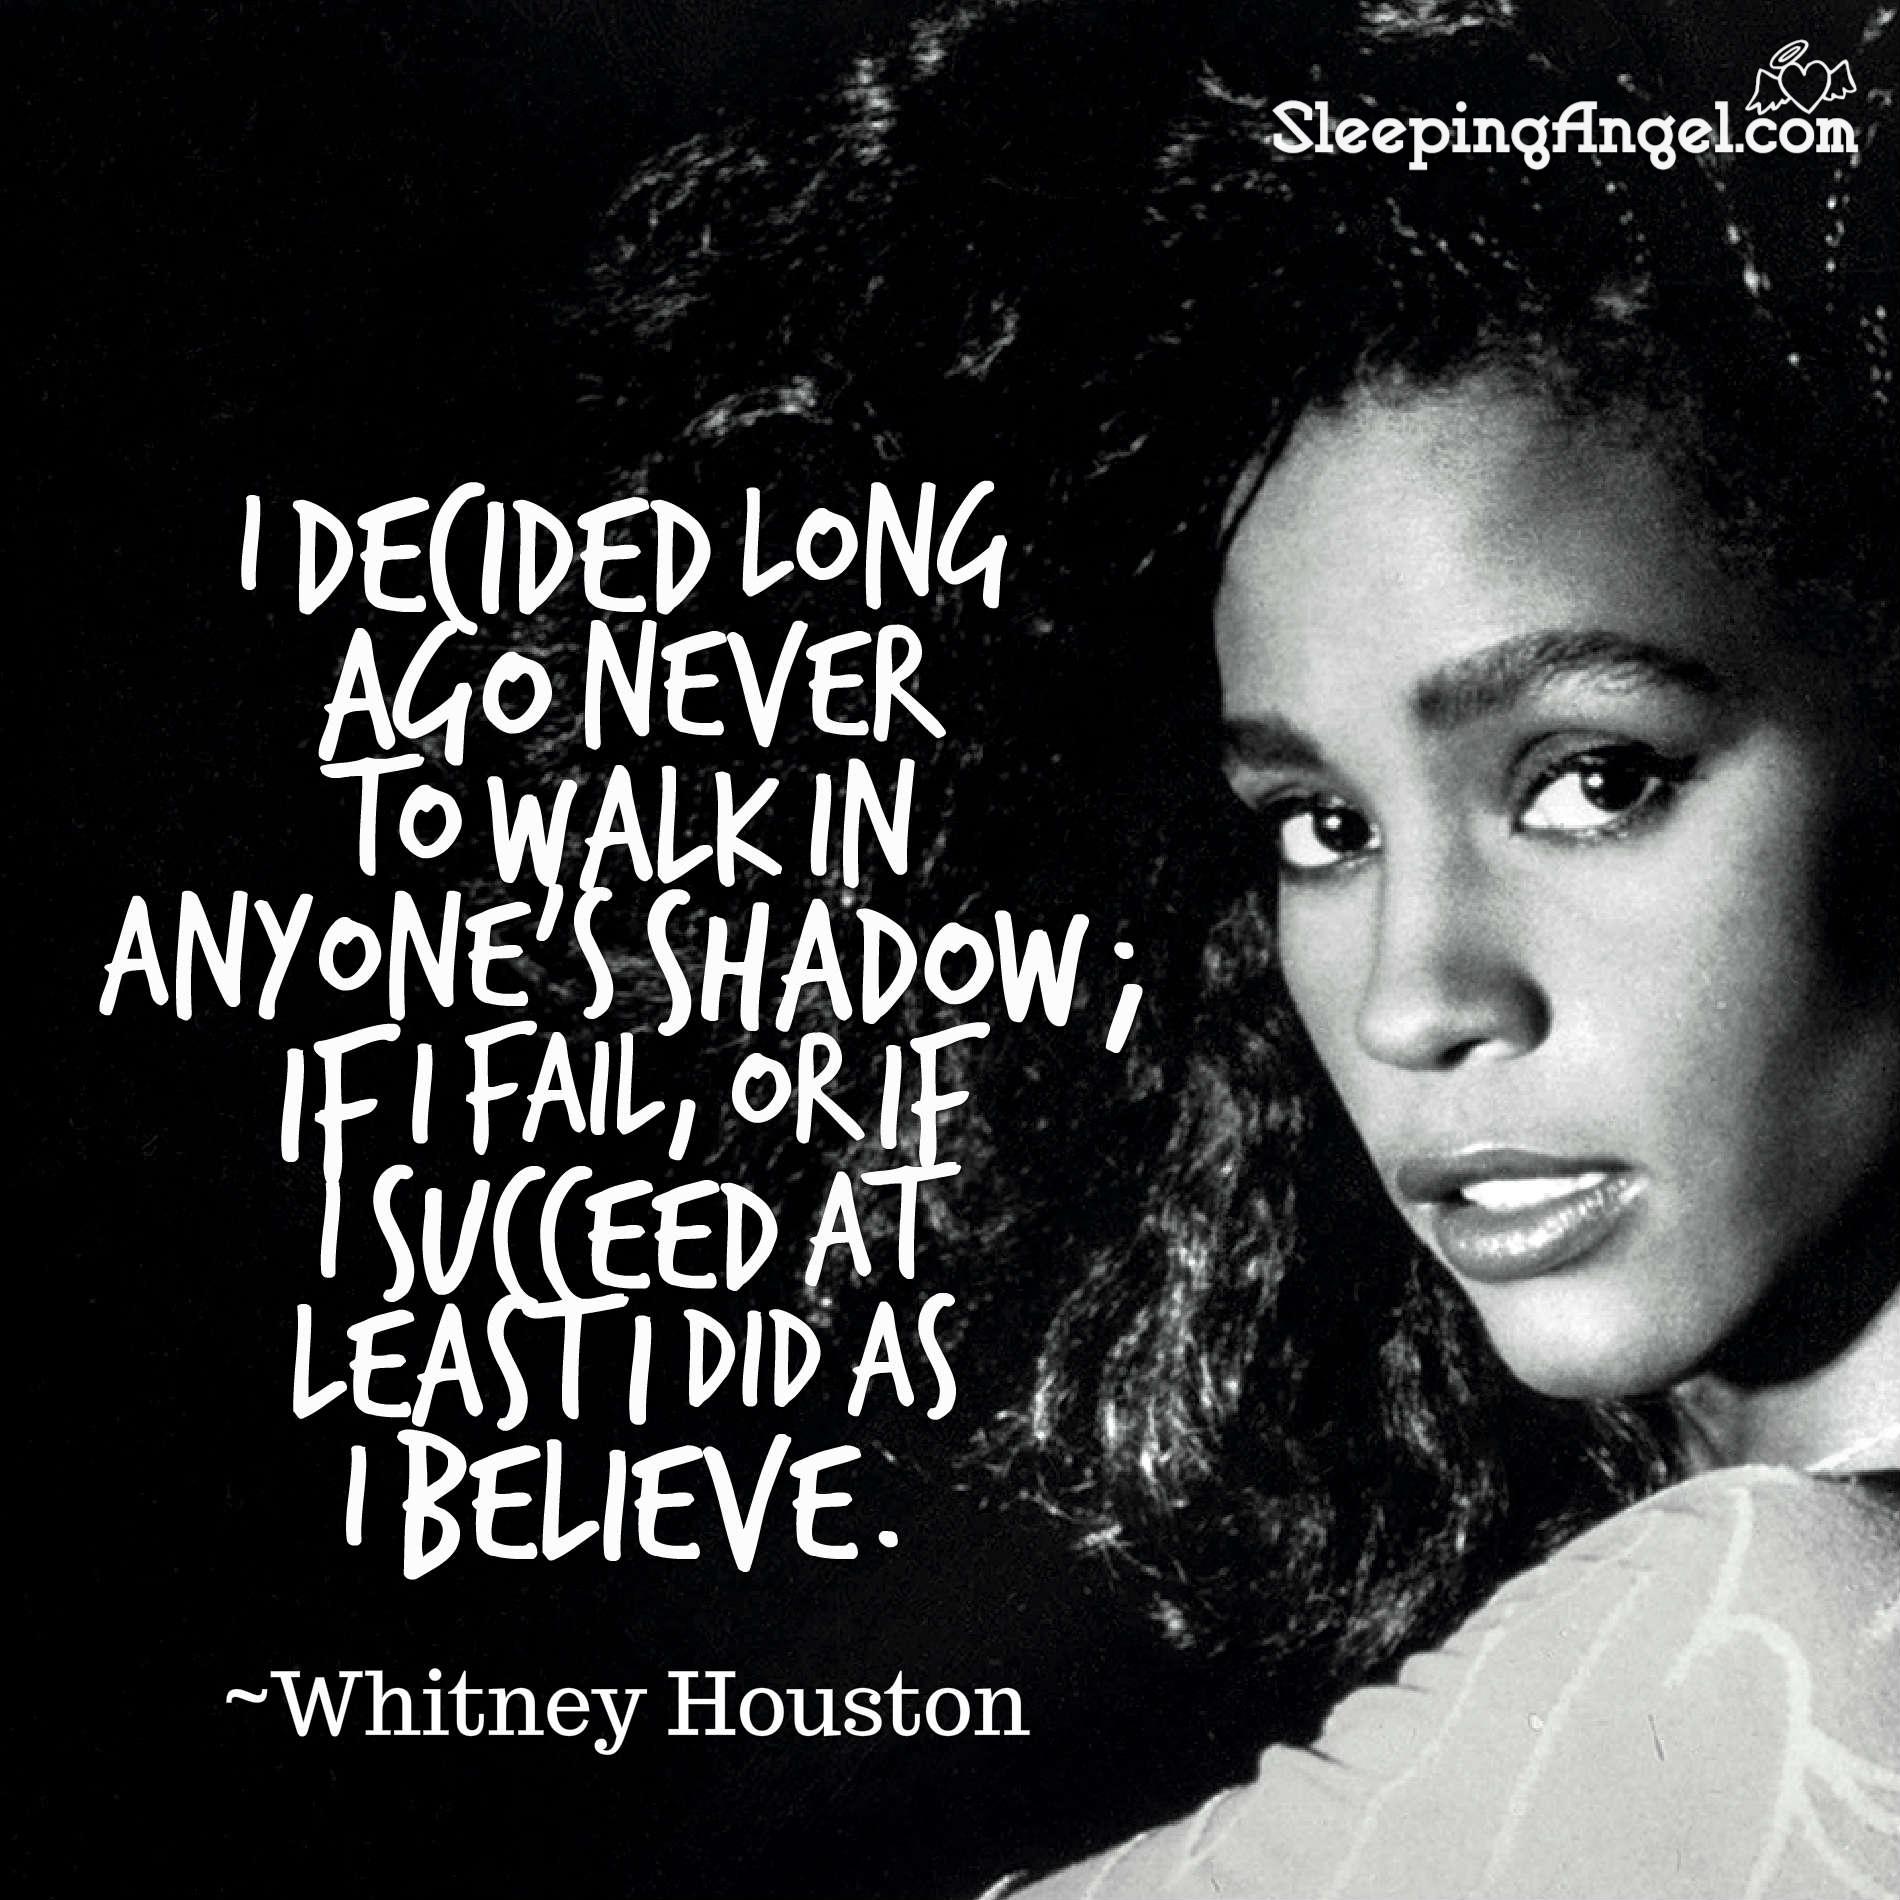 Whitney Houston Quote